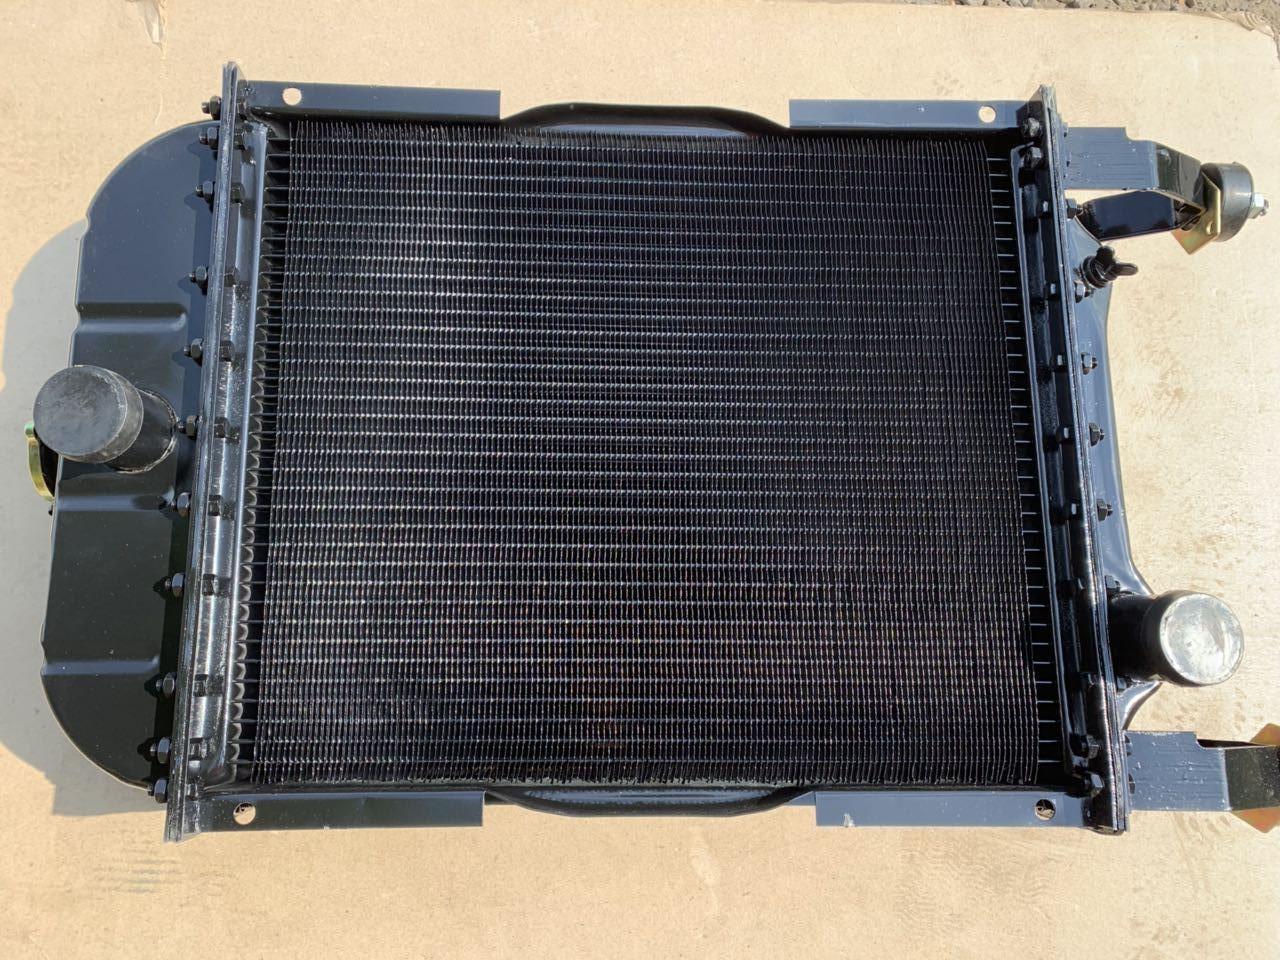 Радиатор водяного охлаждения  (Алюмінь) МТЗ 1221,-1222 с дв.Д 260.2 (5-х рядный)